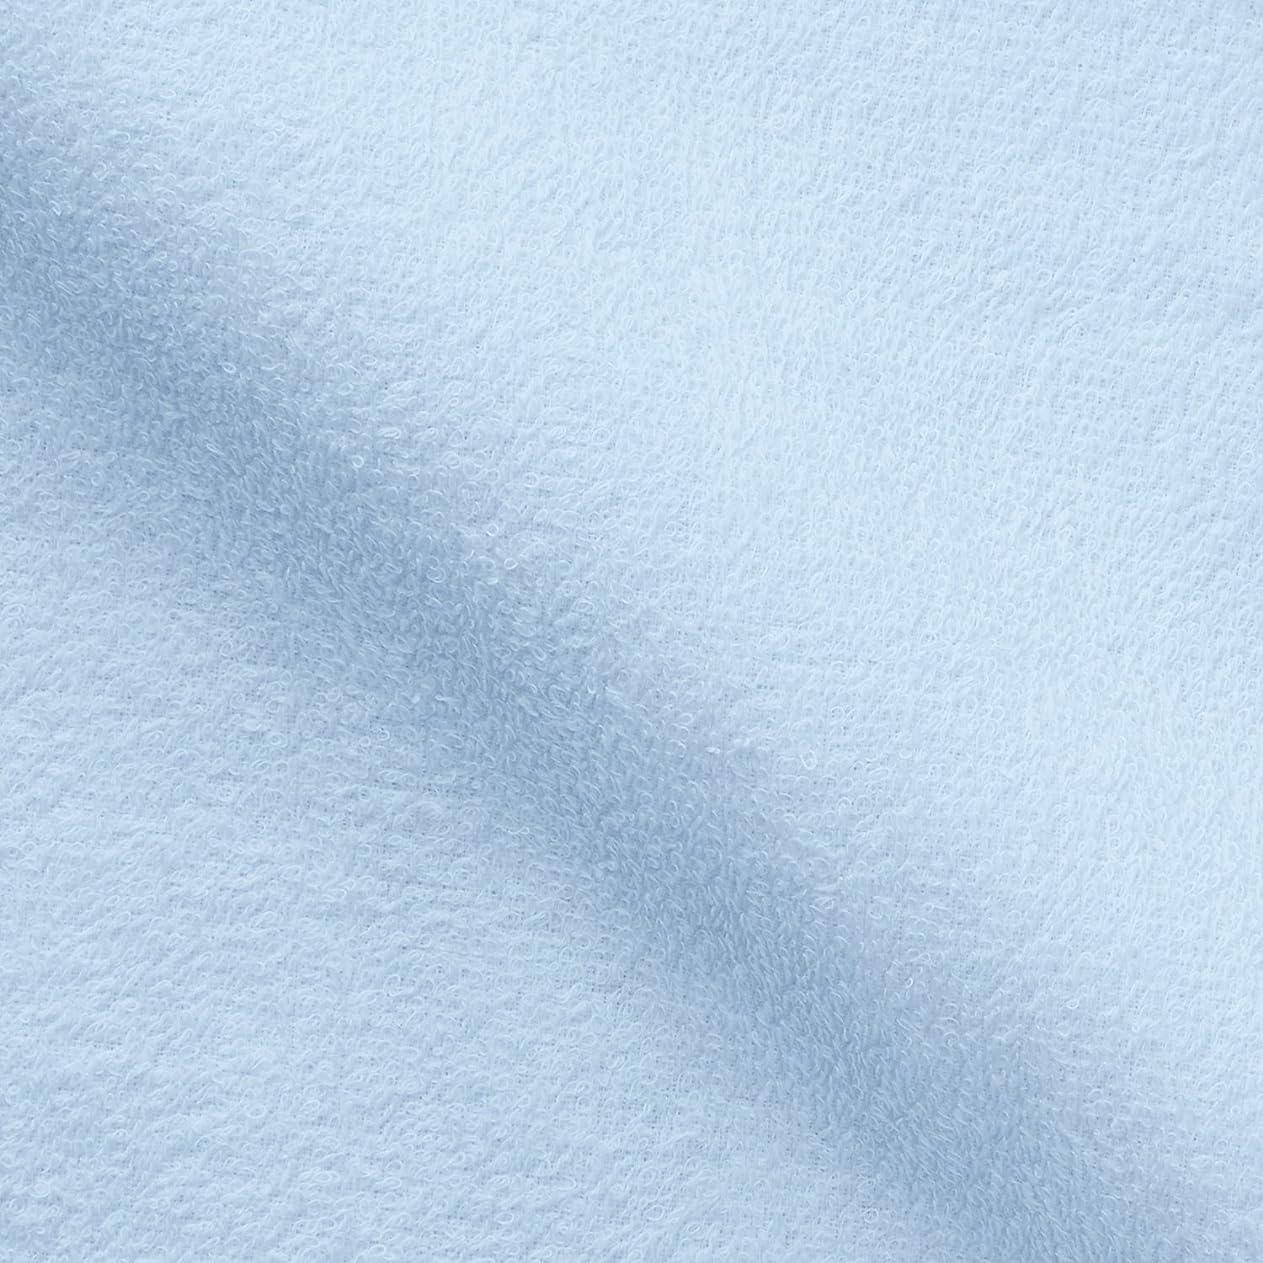 スーダン気候名義でキヨタ 抗菌介護タオル(フェイスタオル12枚入) ブルー 34×84cm